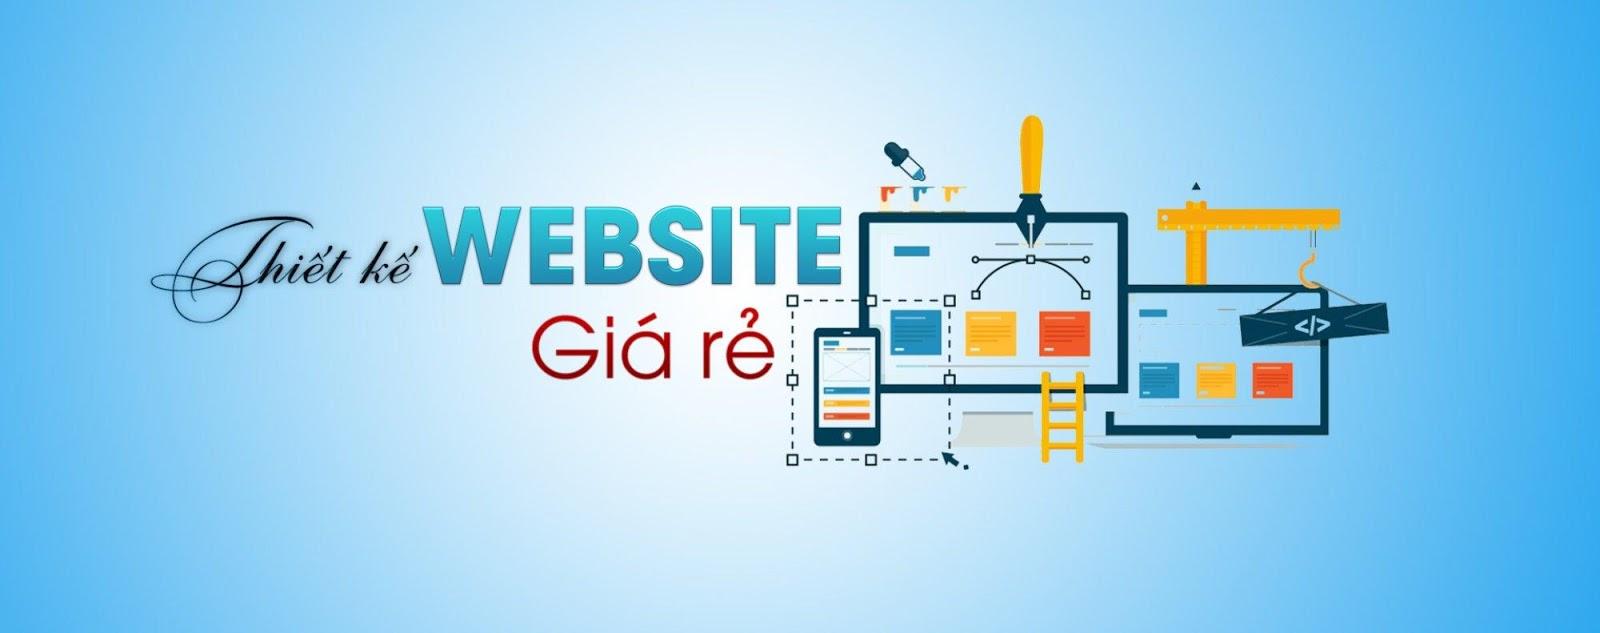 Có nên lựa chọn dịch vụ thiết kế website giá rẻ hay không?